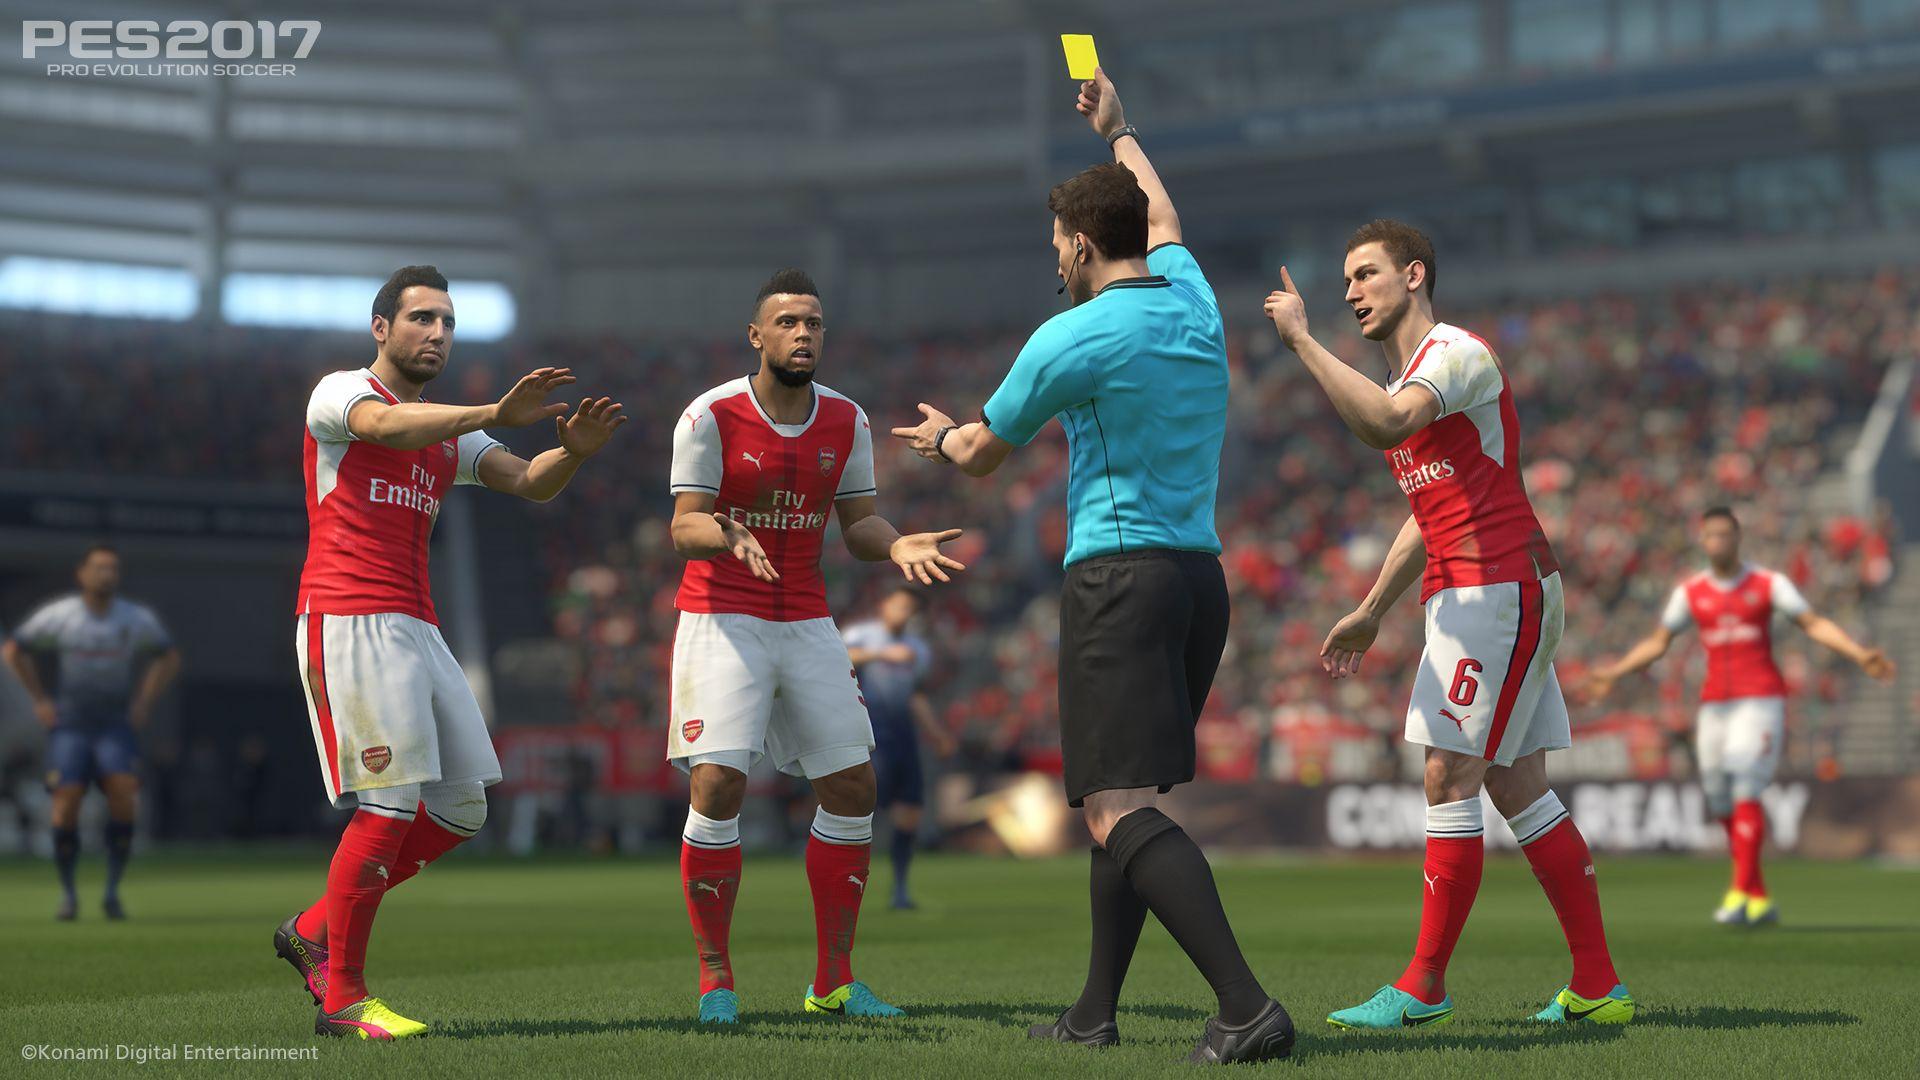 Kolejna FIFA może pozwolić graczom walczyć w Lidze Mistrzów. EA lepiej wykorzysta licencję niż Konami